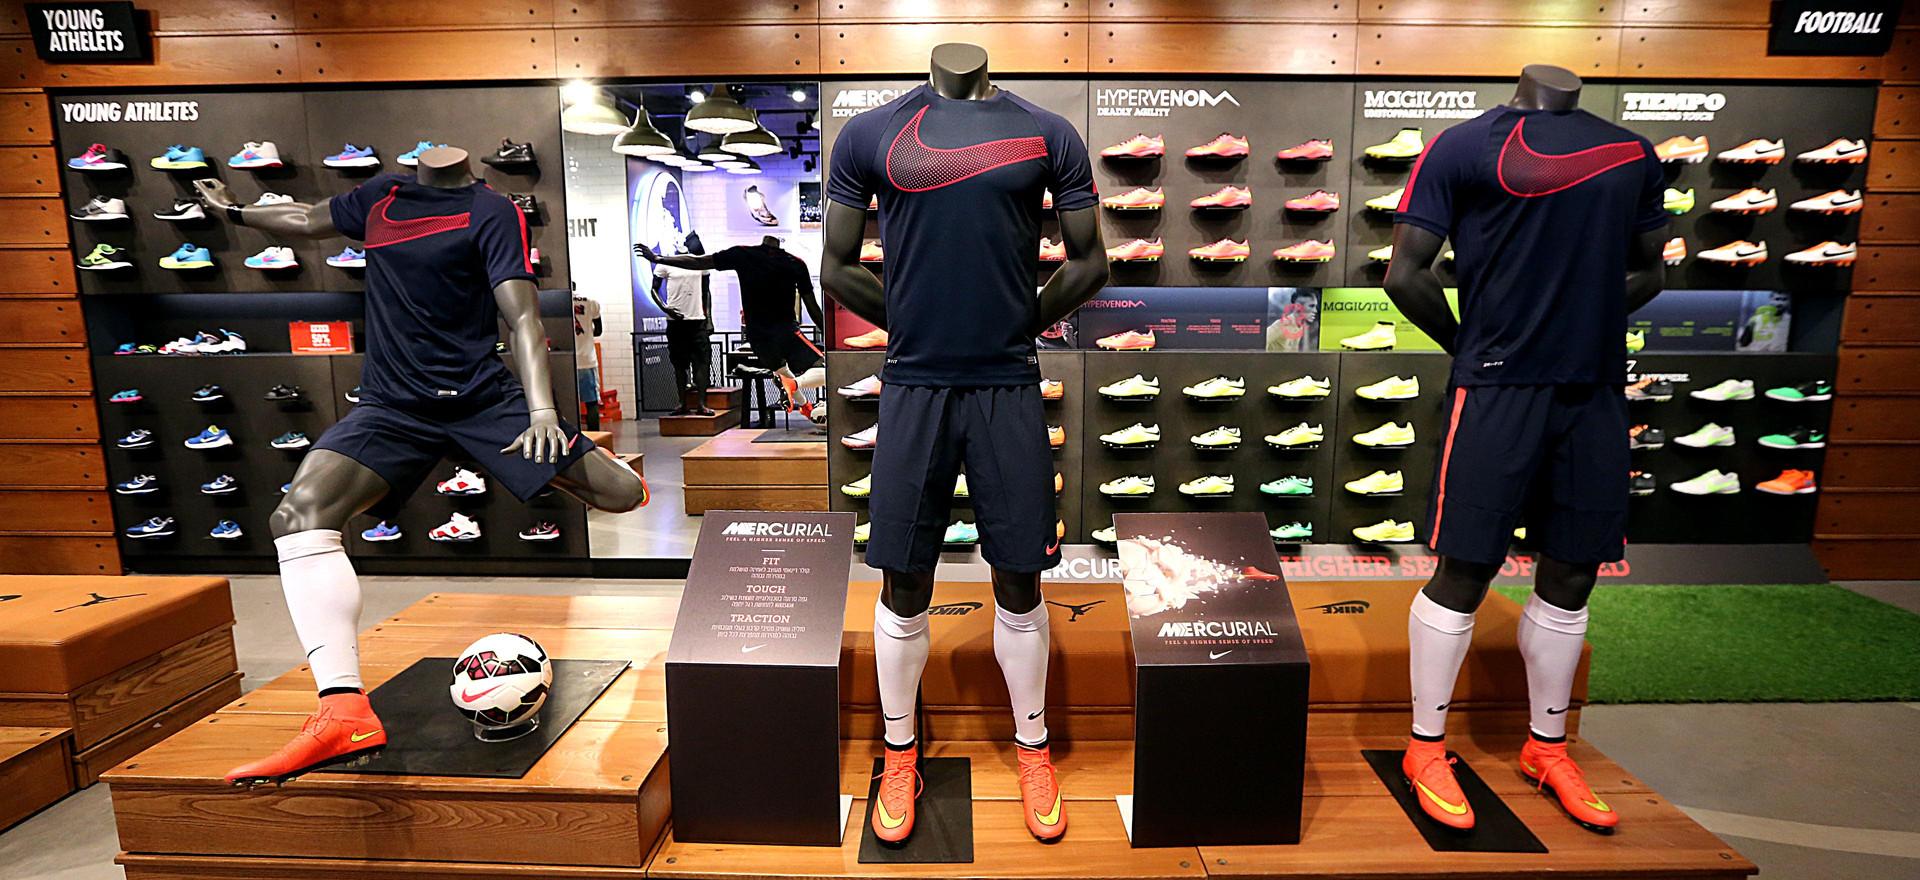 Nike Mercuriel Launch